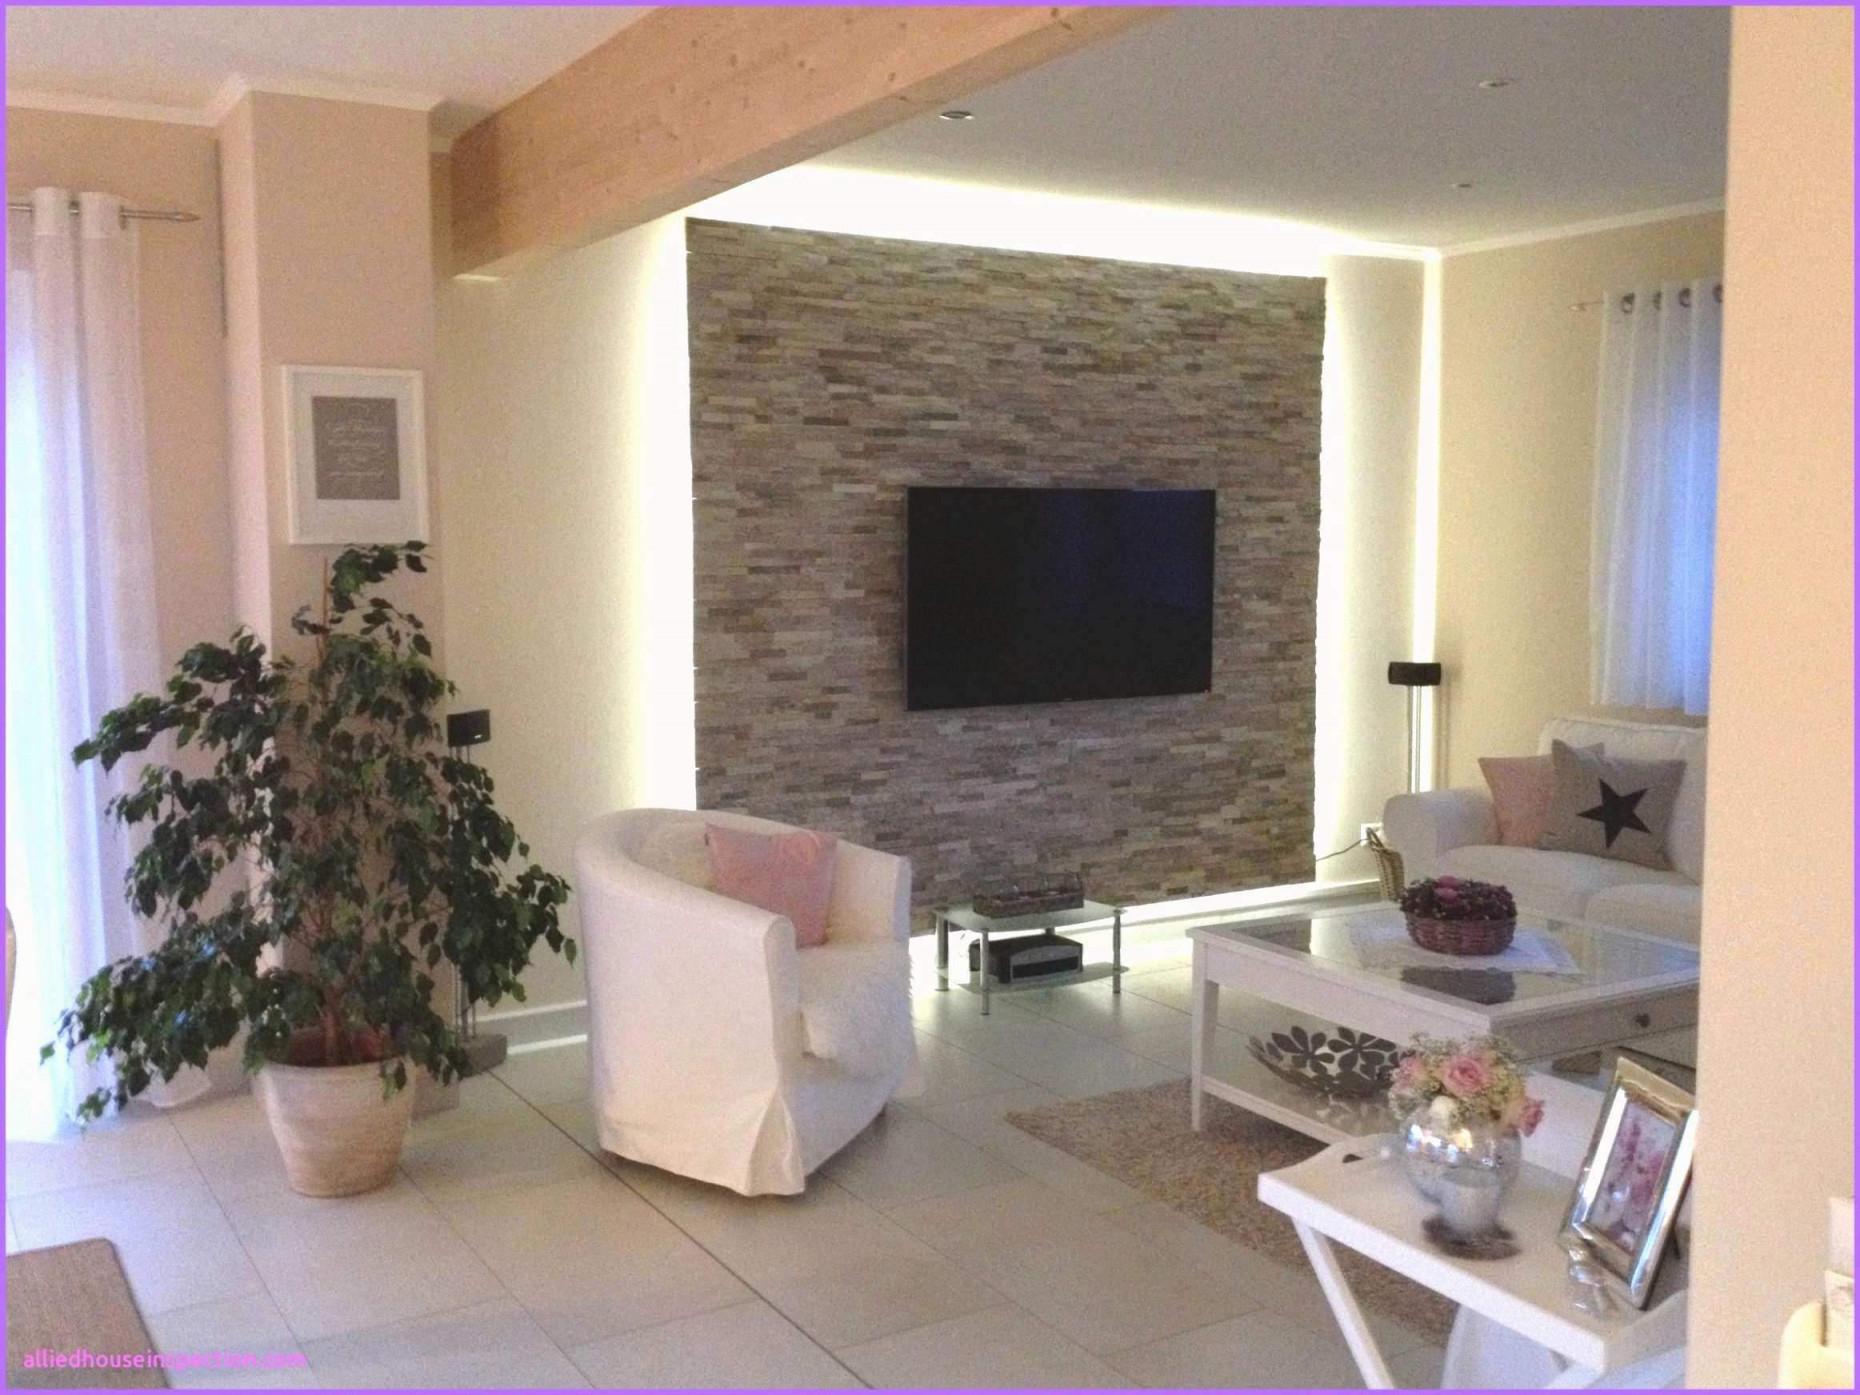 Deko Wand Wohnzimmer Das Beste Von 50 Einzigartig Von Holz von Deko Für Wand Wohnzimmer Photo